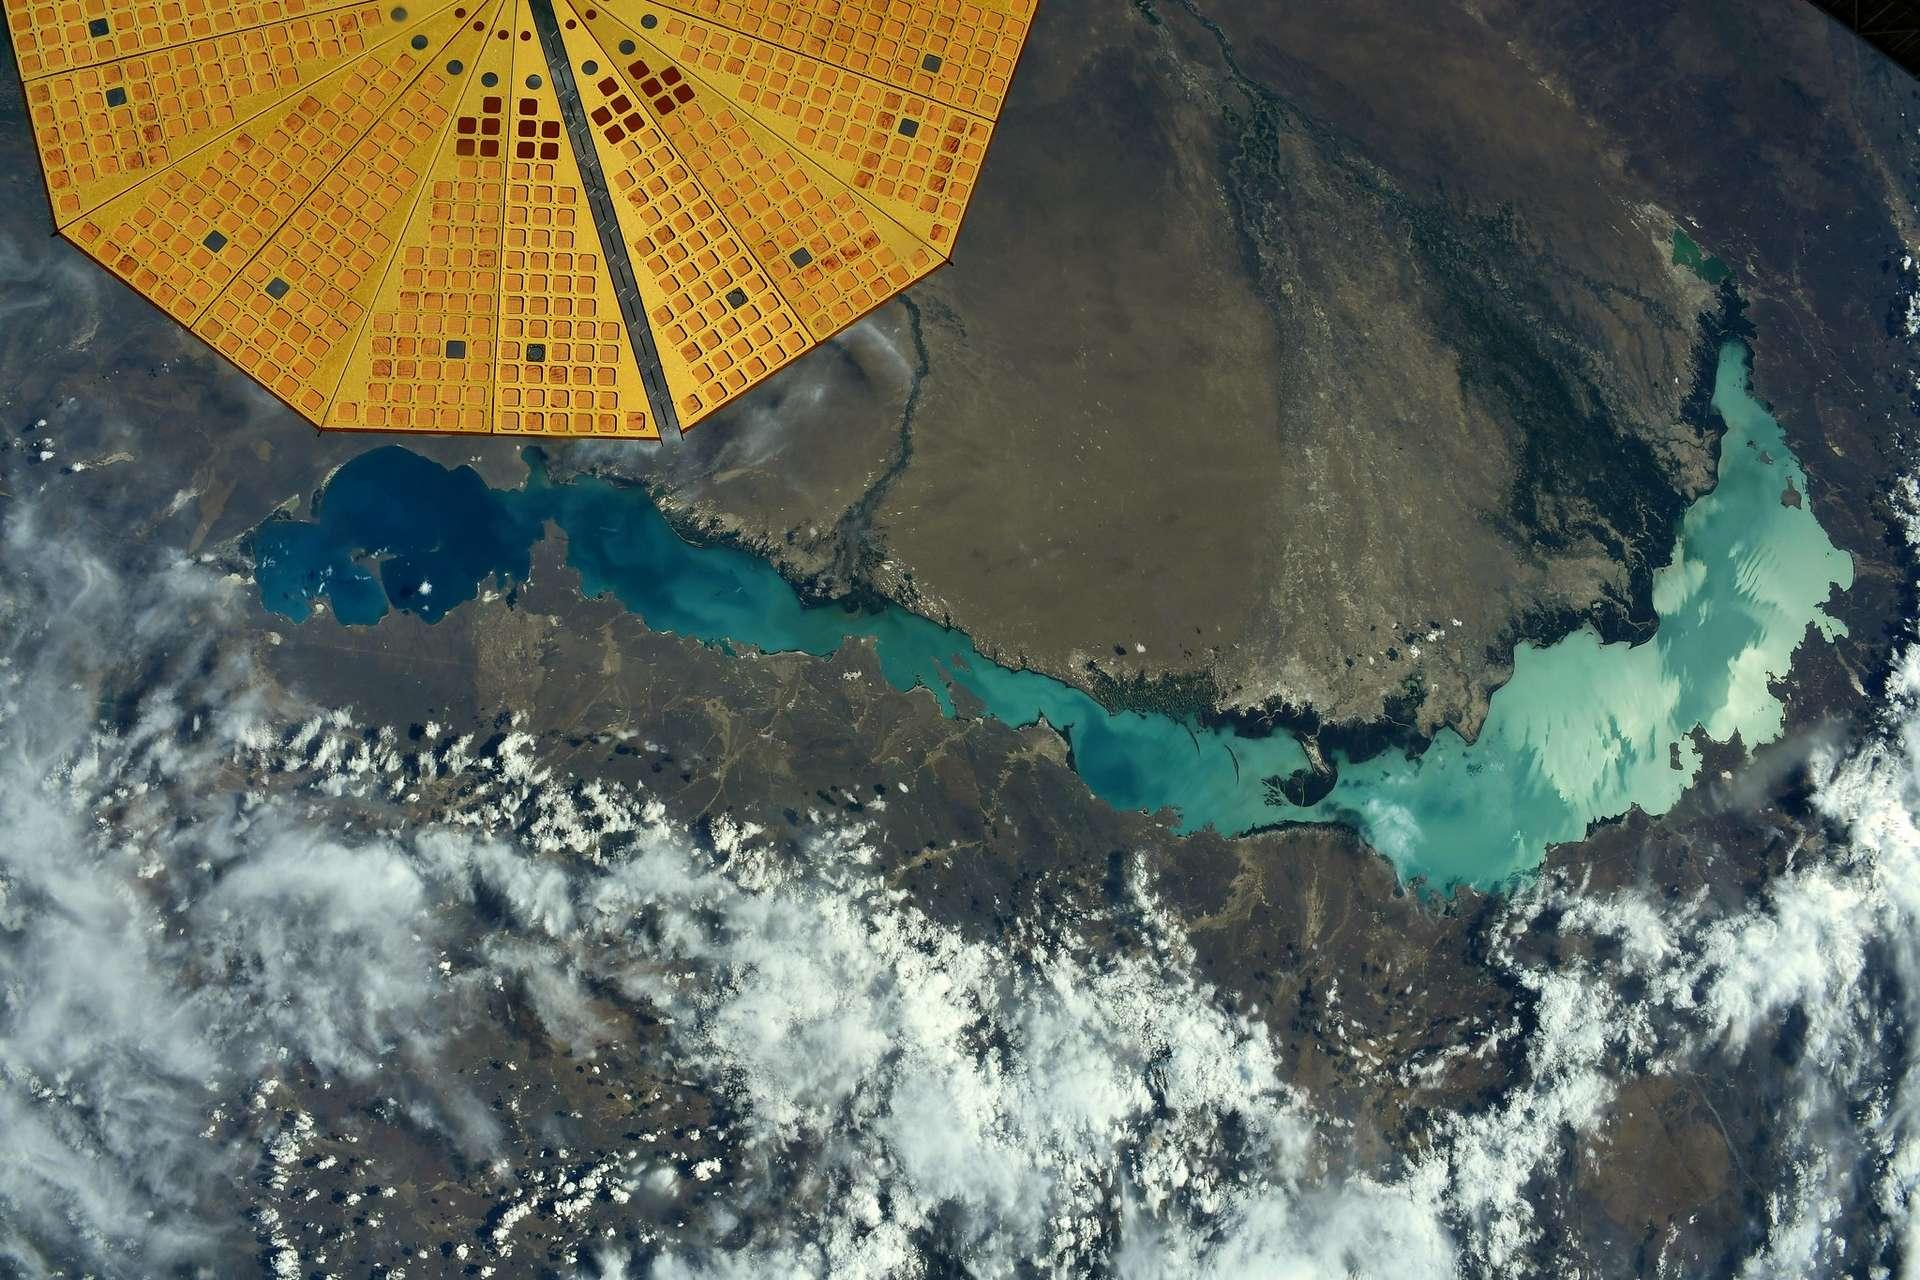 Mise à jour de l'astronaute français qui pensait prendre en photo le lac Baïkal : « C'était le mauvais lac ! Il s'agit du lac Balkhach au Kazakhstan ». © ESA/Nasa–Thomas Pesquet